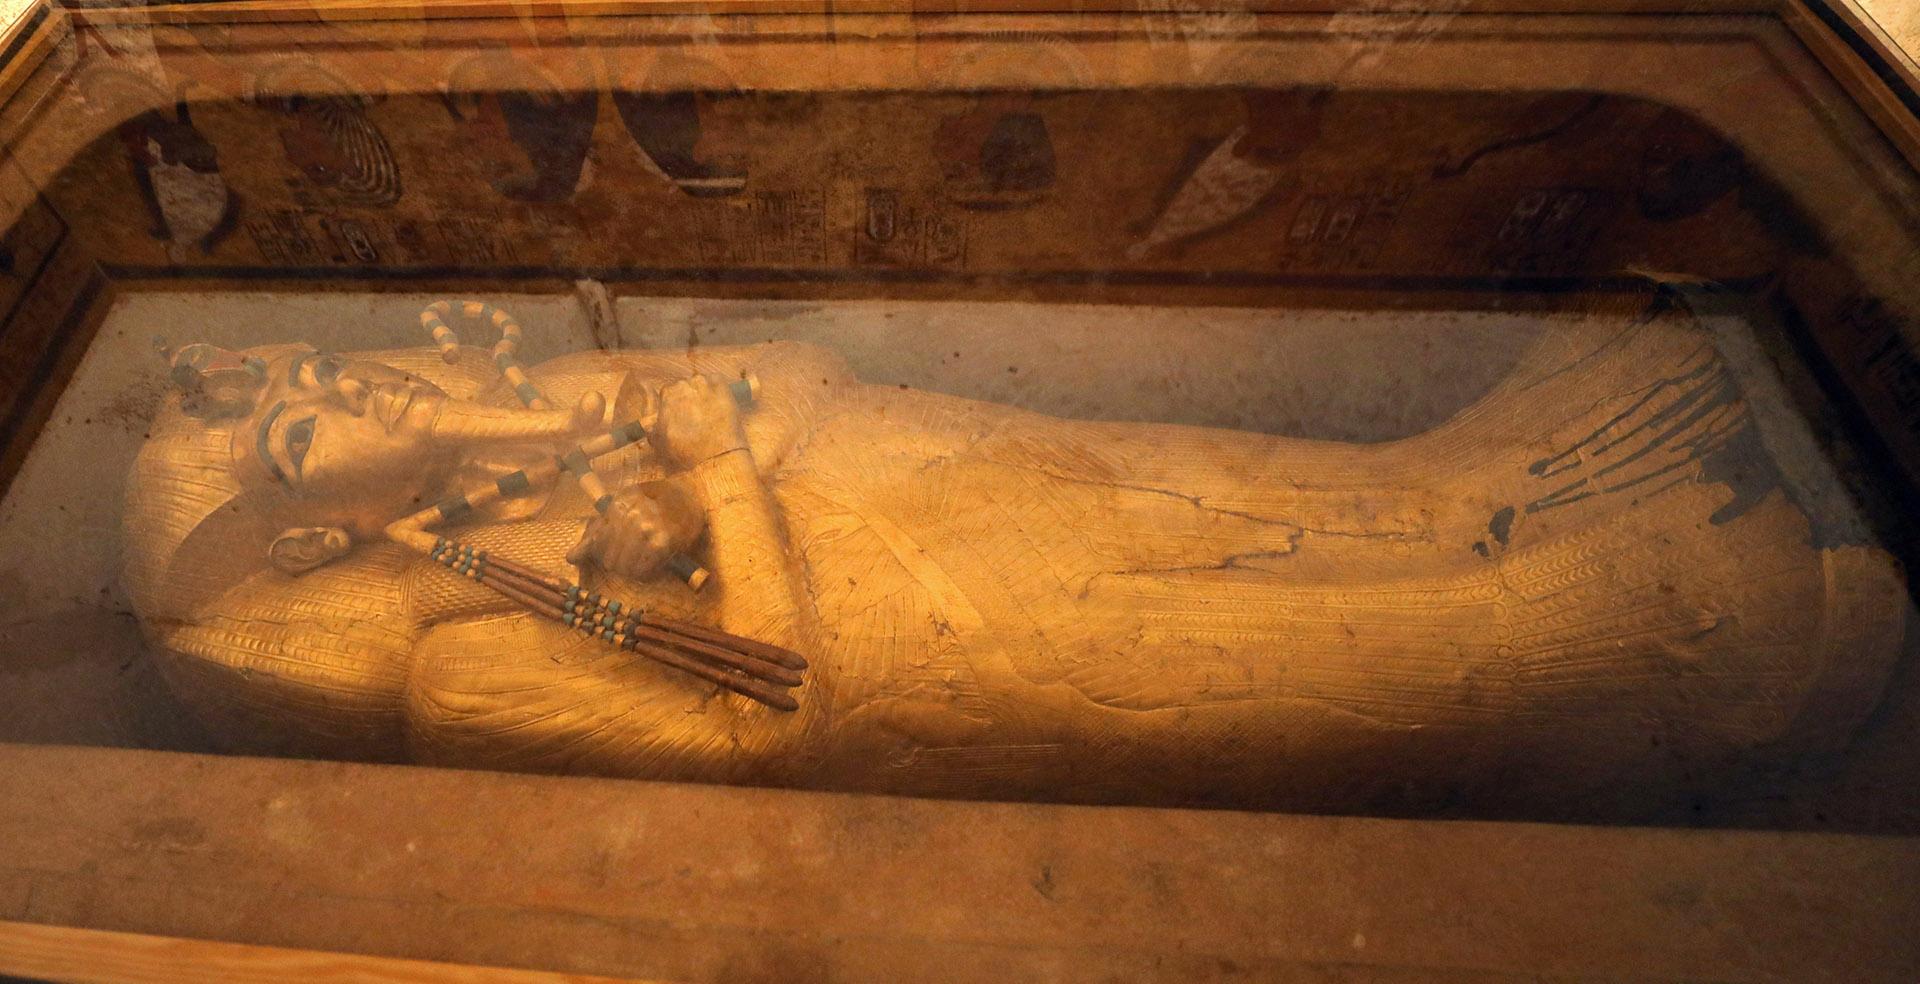 Los vivos colores de la tumba de Tutankamón, el faraón más conocido de Egipto, han recuperado su brillo y esplendor gracias a un proyecto de restauración que se ha extendido una década y fue presentado este jueves al público